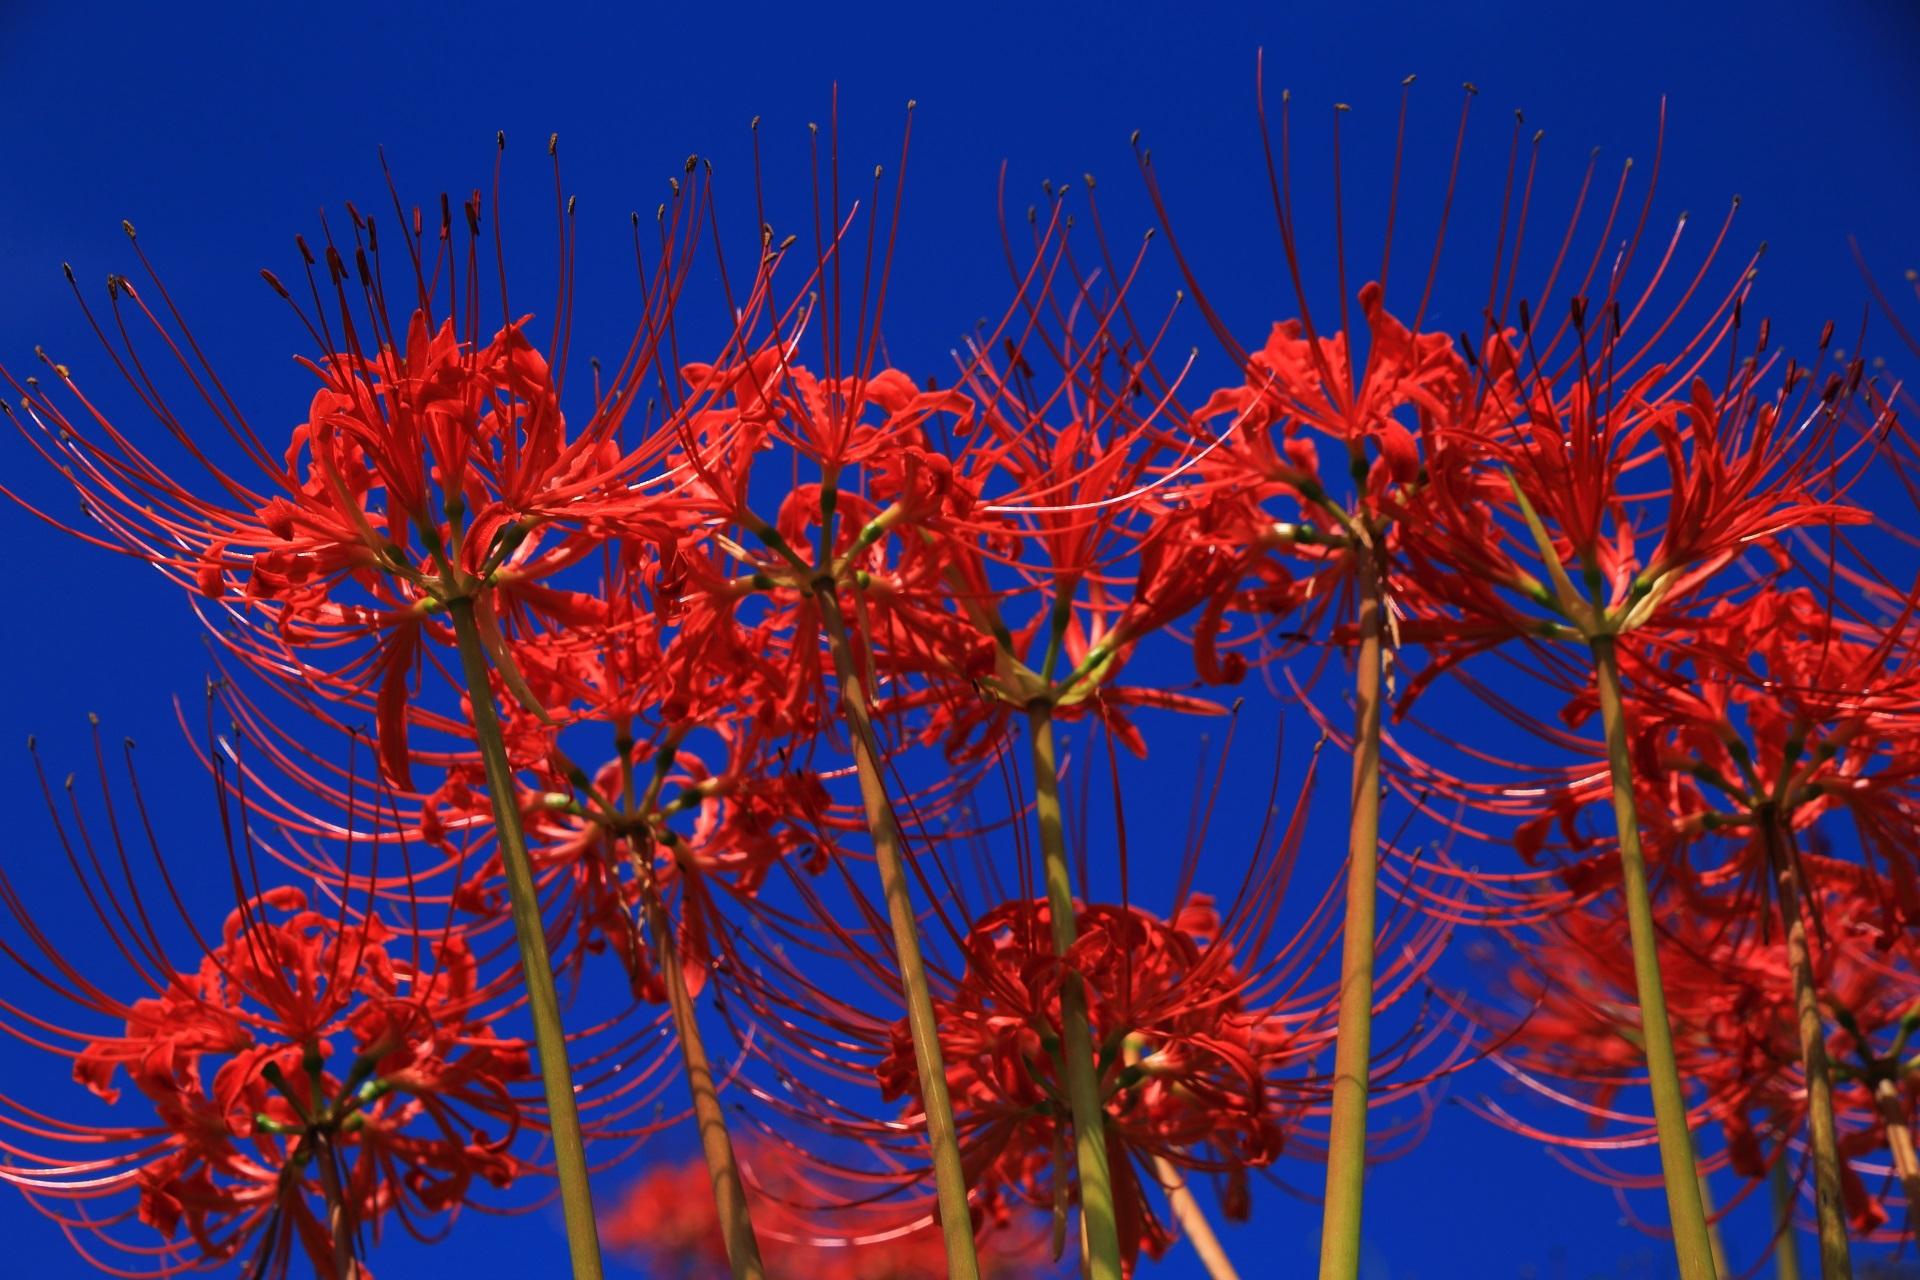 青空と豪快に咲く赤い彼岸花の美しいコントラスト